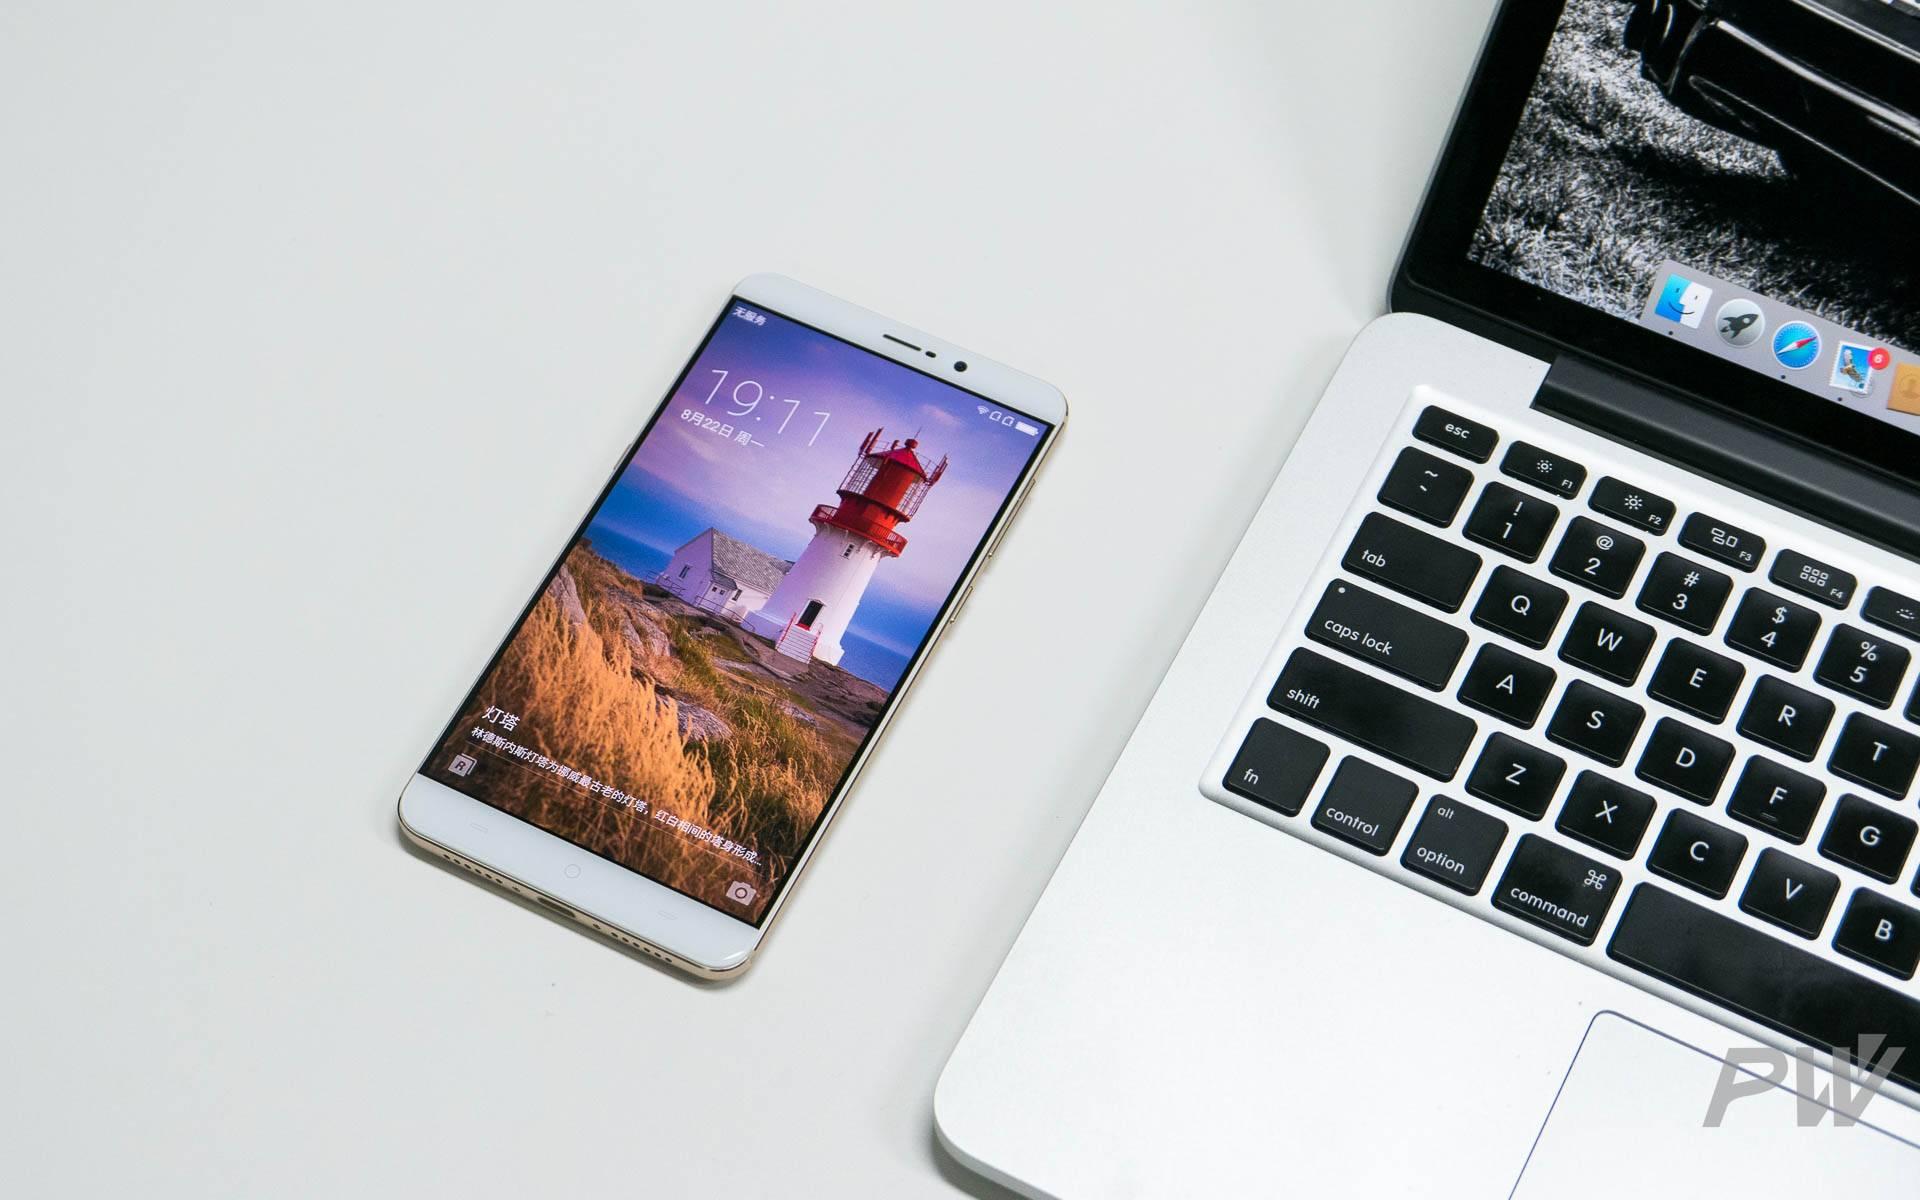 zhouhongyi 360 smartphone qiku PingWest Photo By Hao Ying-2